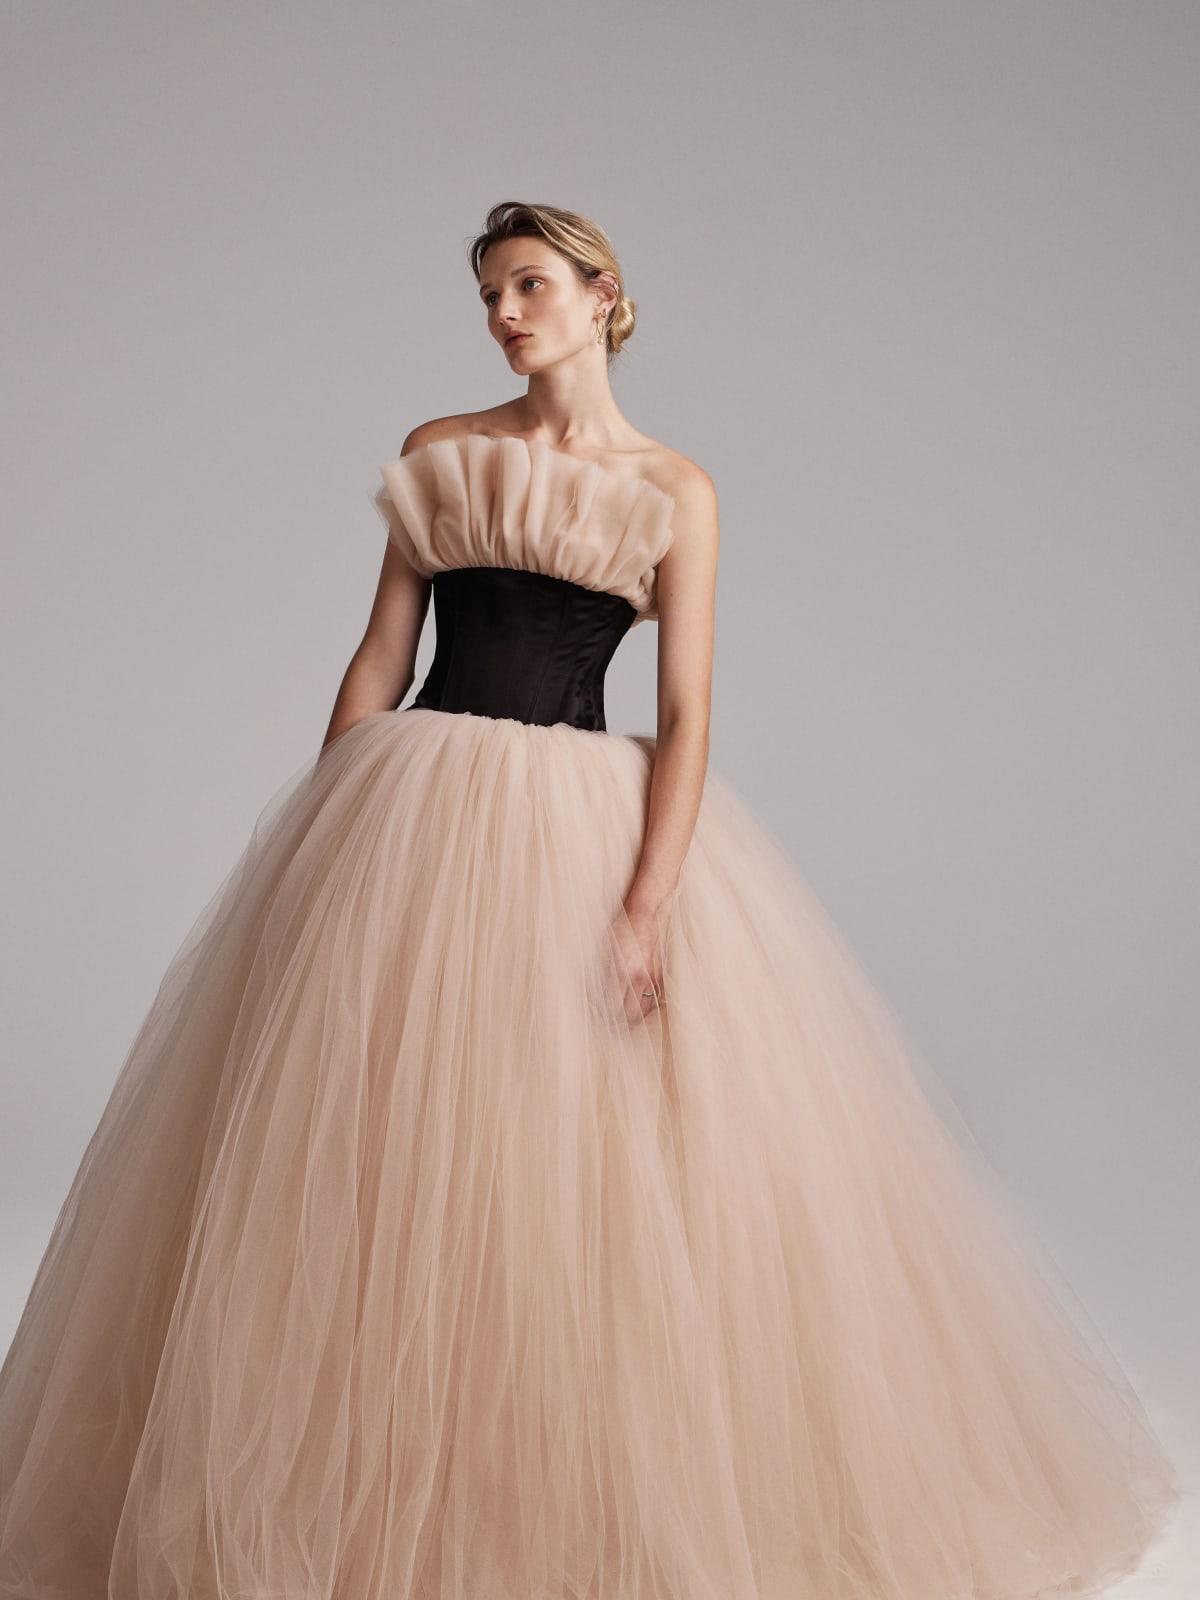 Elizabeth Kennedy spring 2018 gown look 17